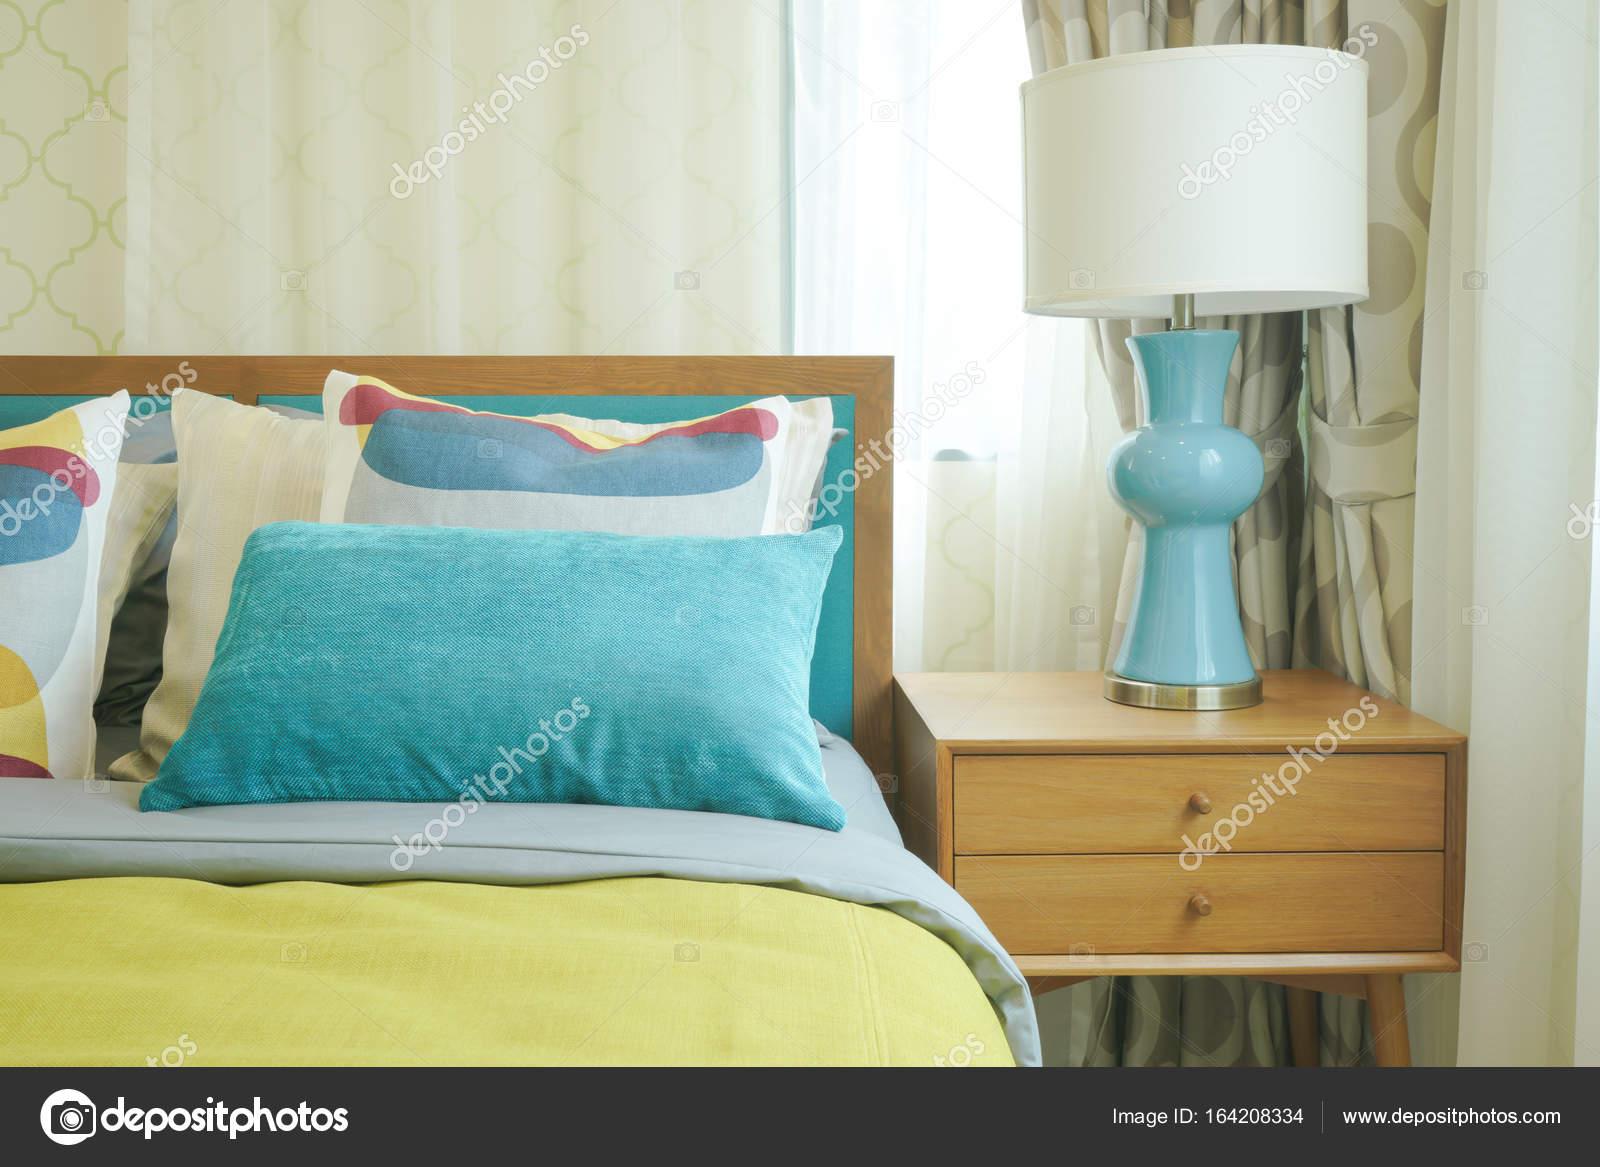 Biancheria da letto colorata stile interni camera da letto — Foto ...